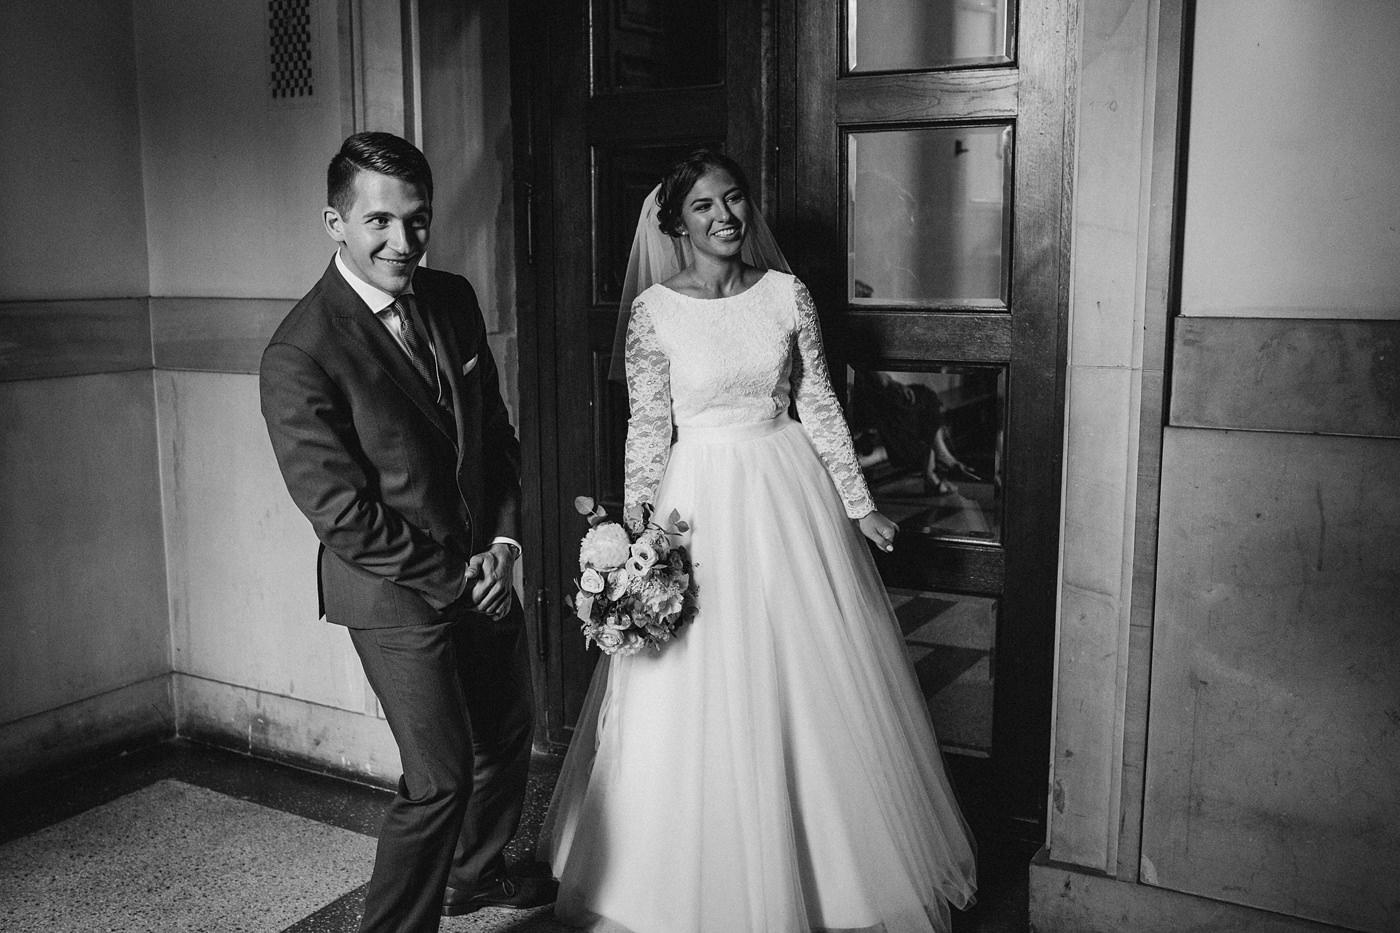 Dominika & Aleksander - Rustykalne wesele w stodole - Baborówko 43